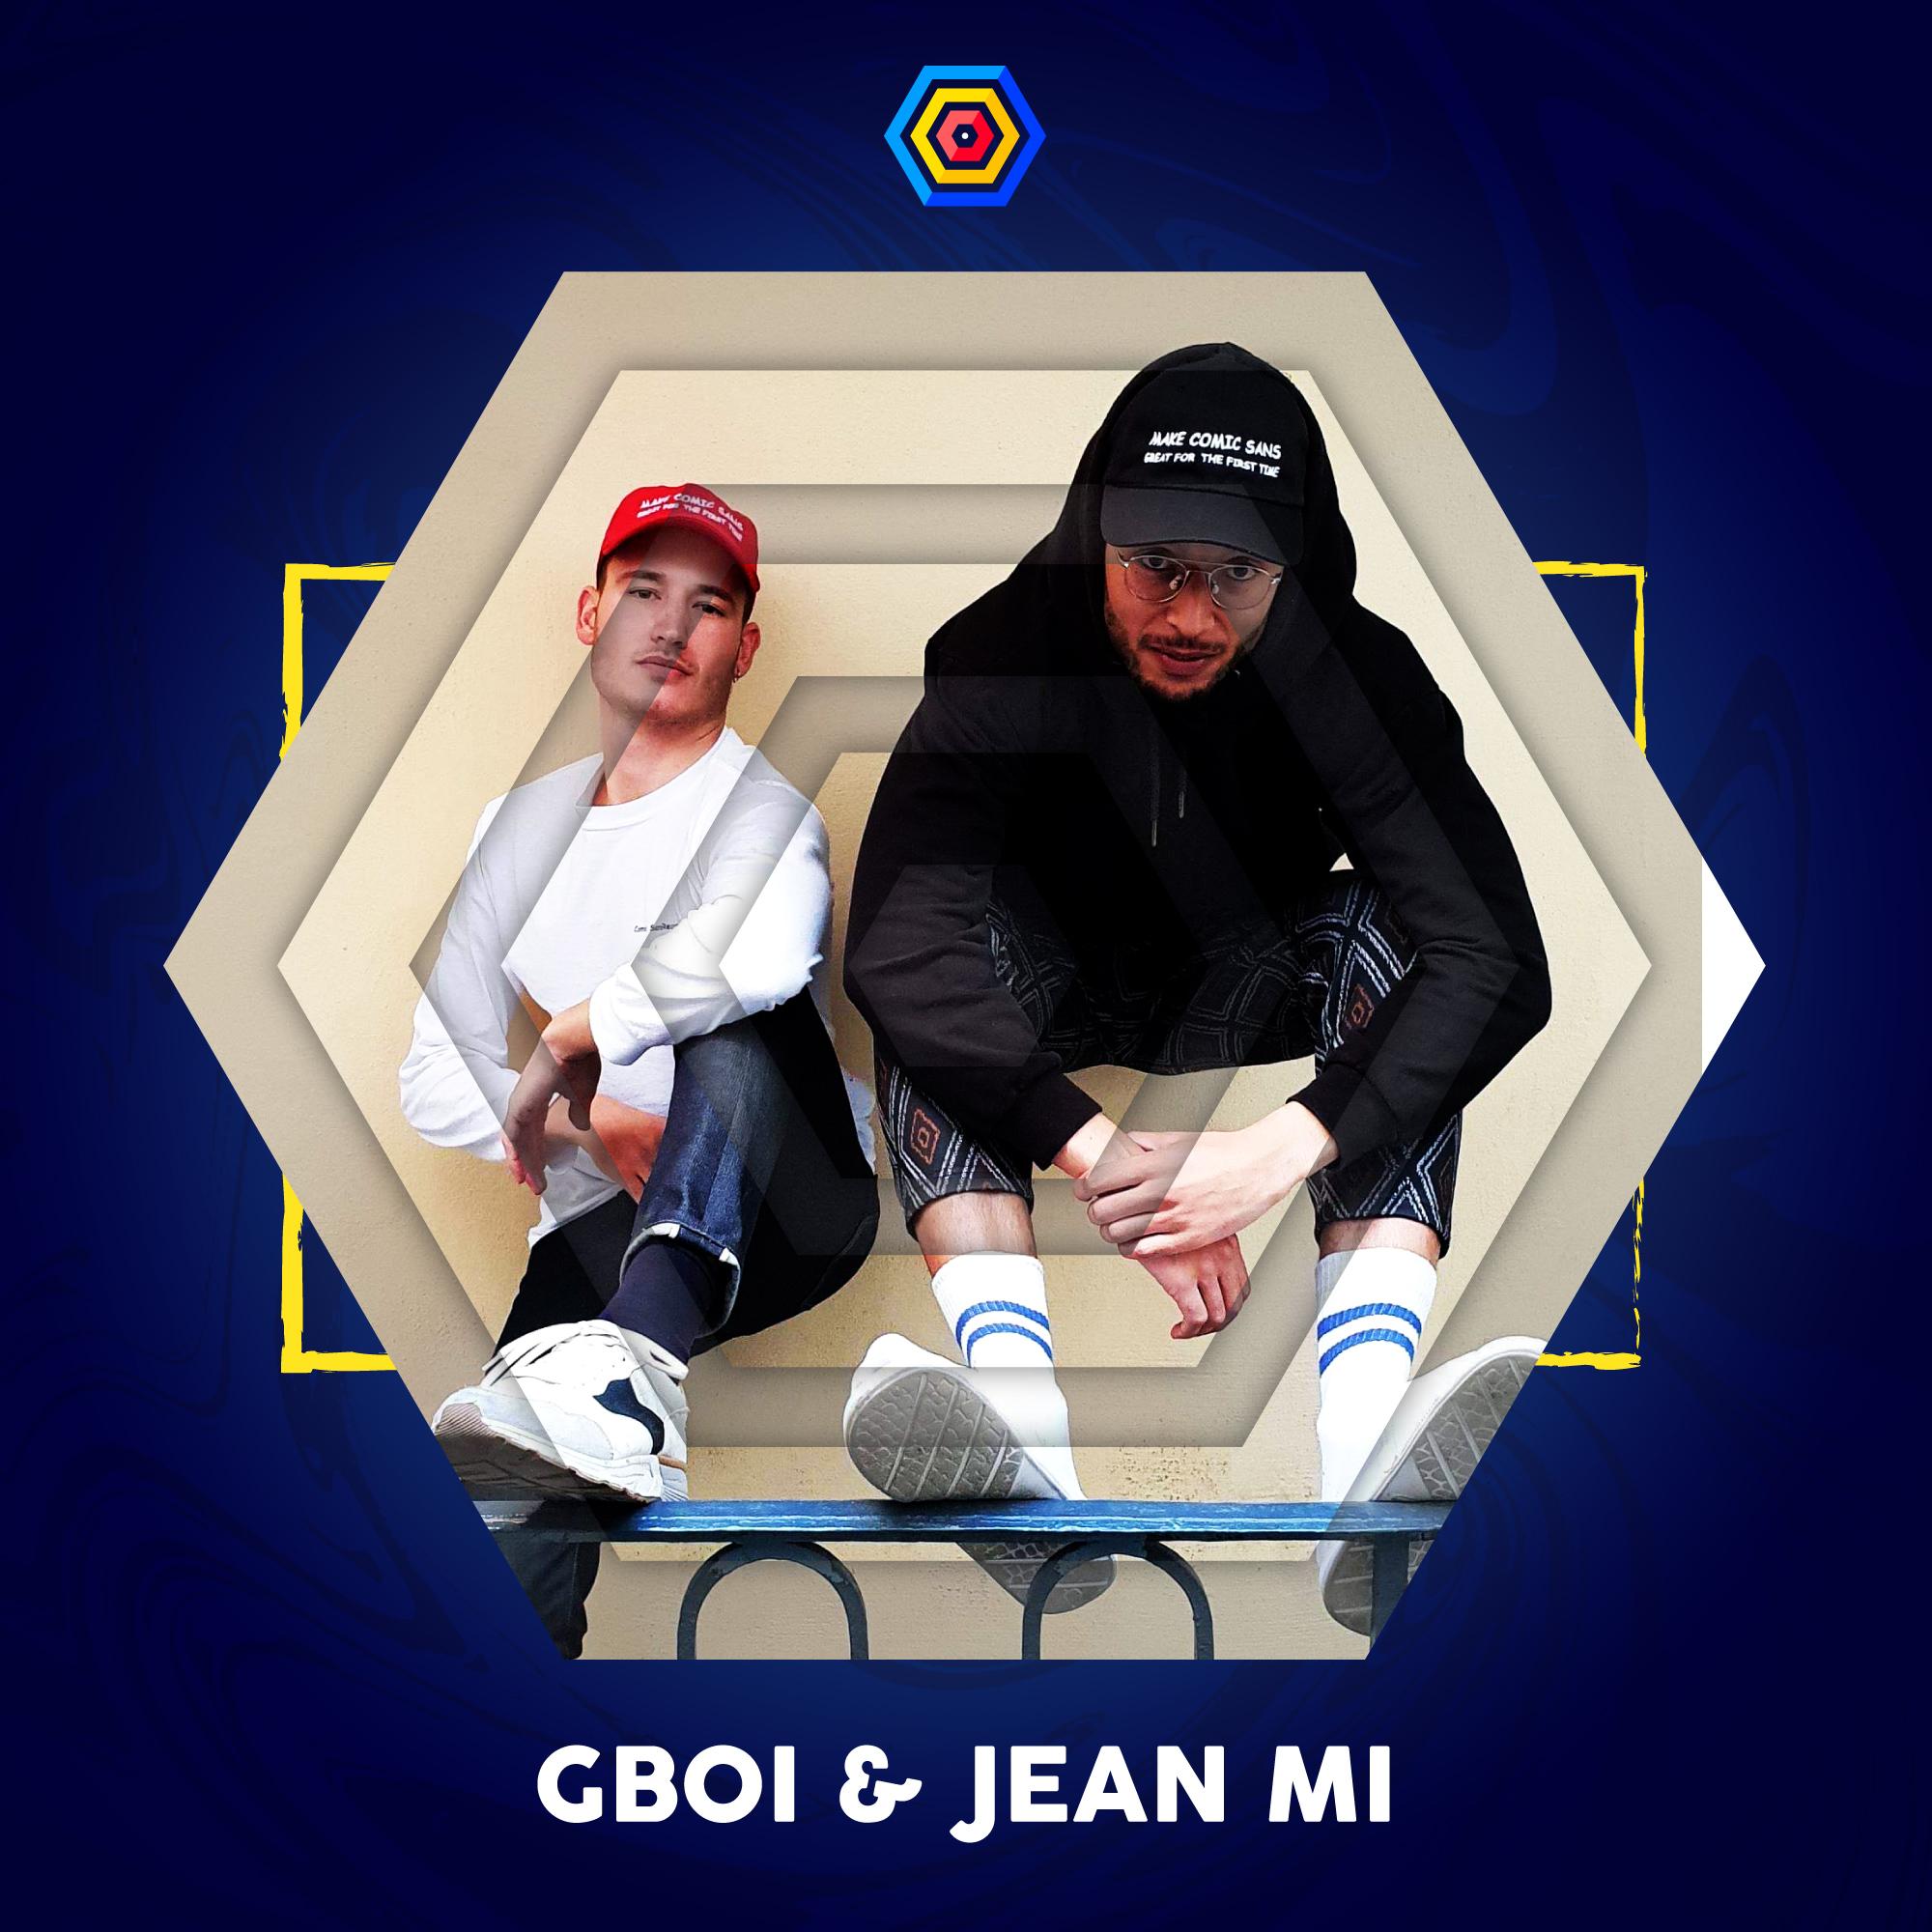 Gboï-&-Jean-Mi